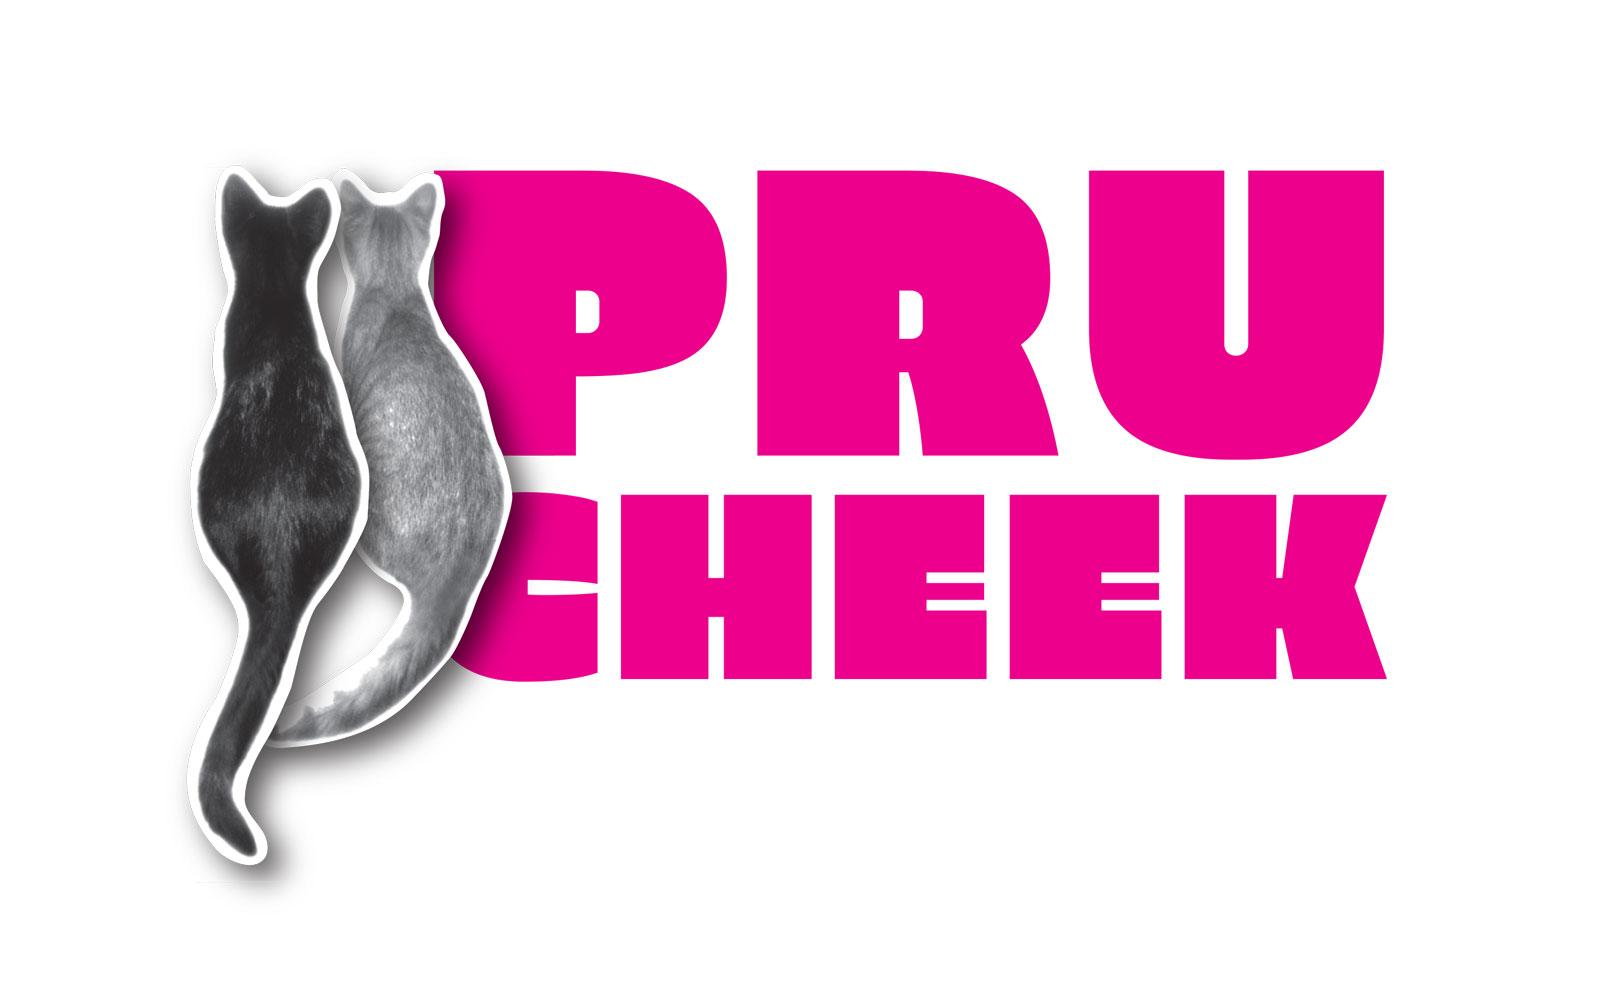 Prucheek-1